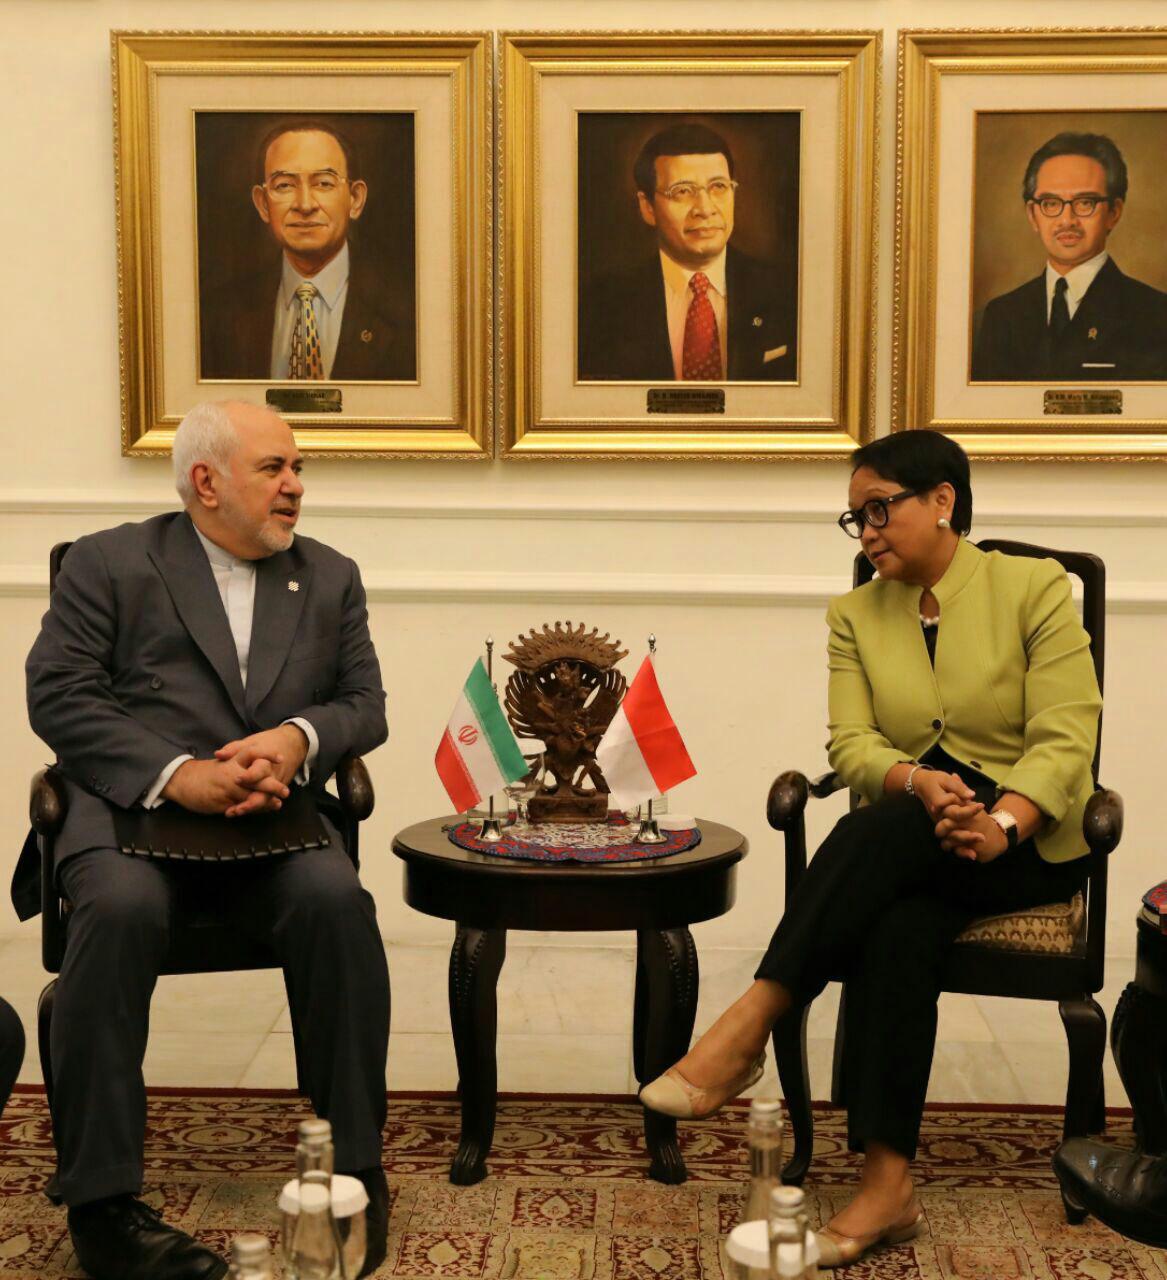 دیدار و گفتوگوی وزرای امور خارجه جمهوری اسلامی ایران و اندونزی